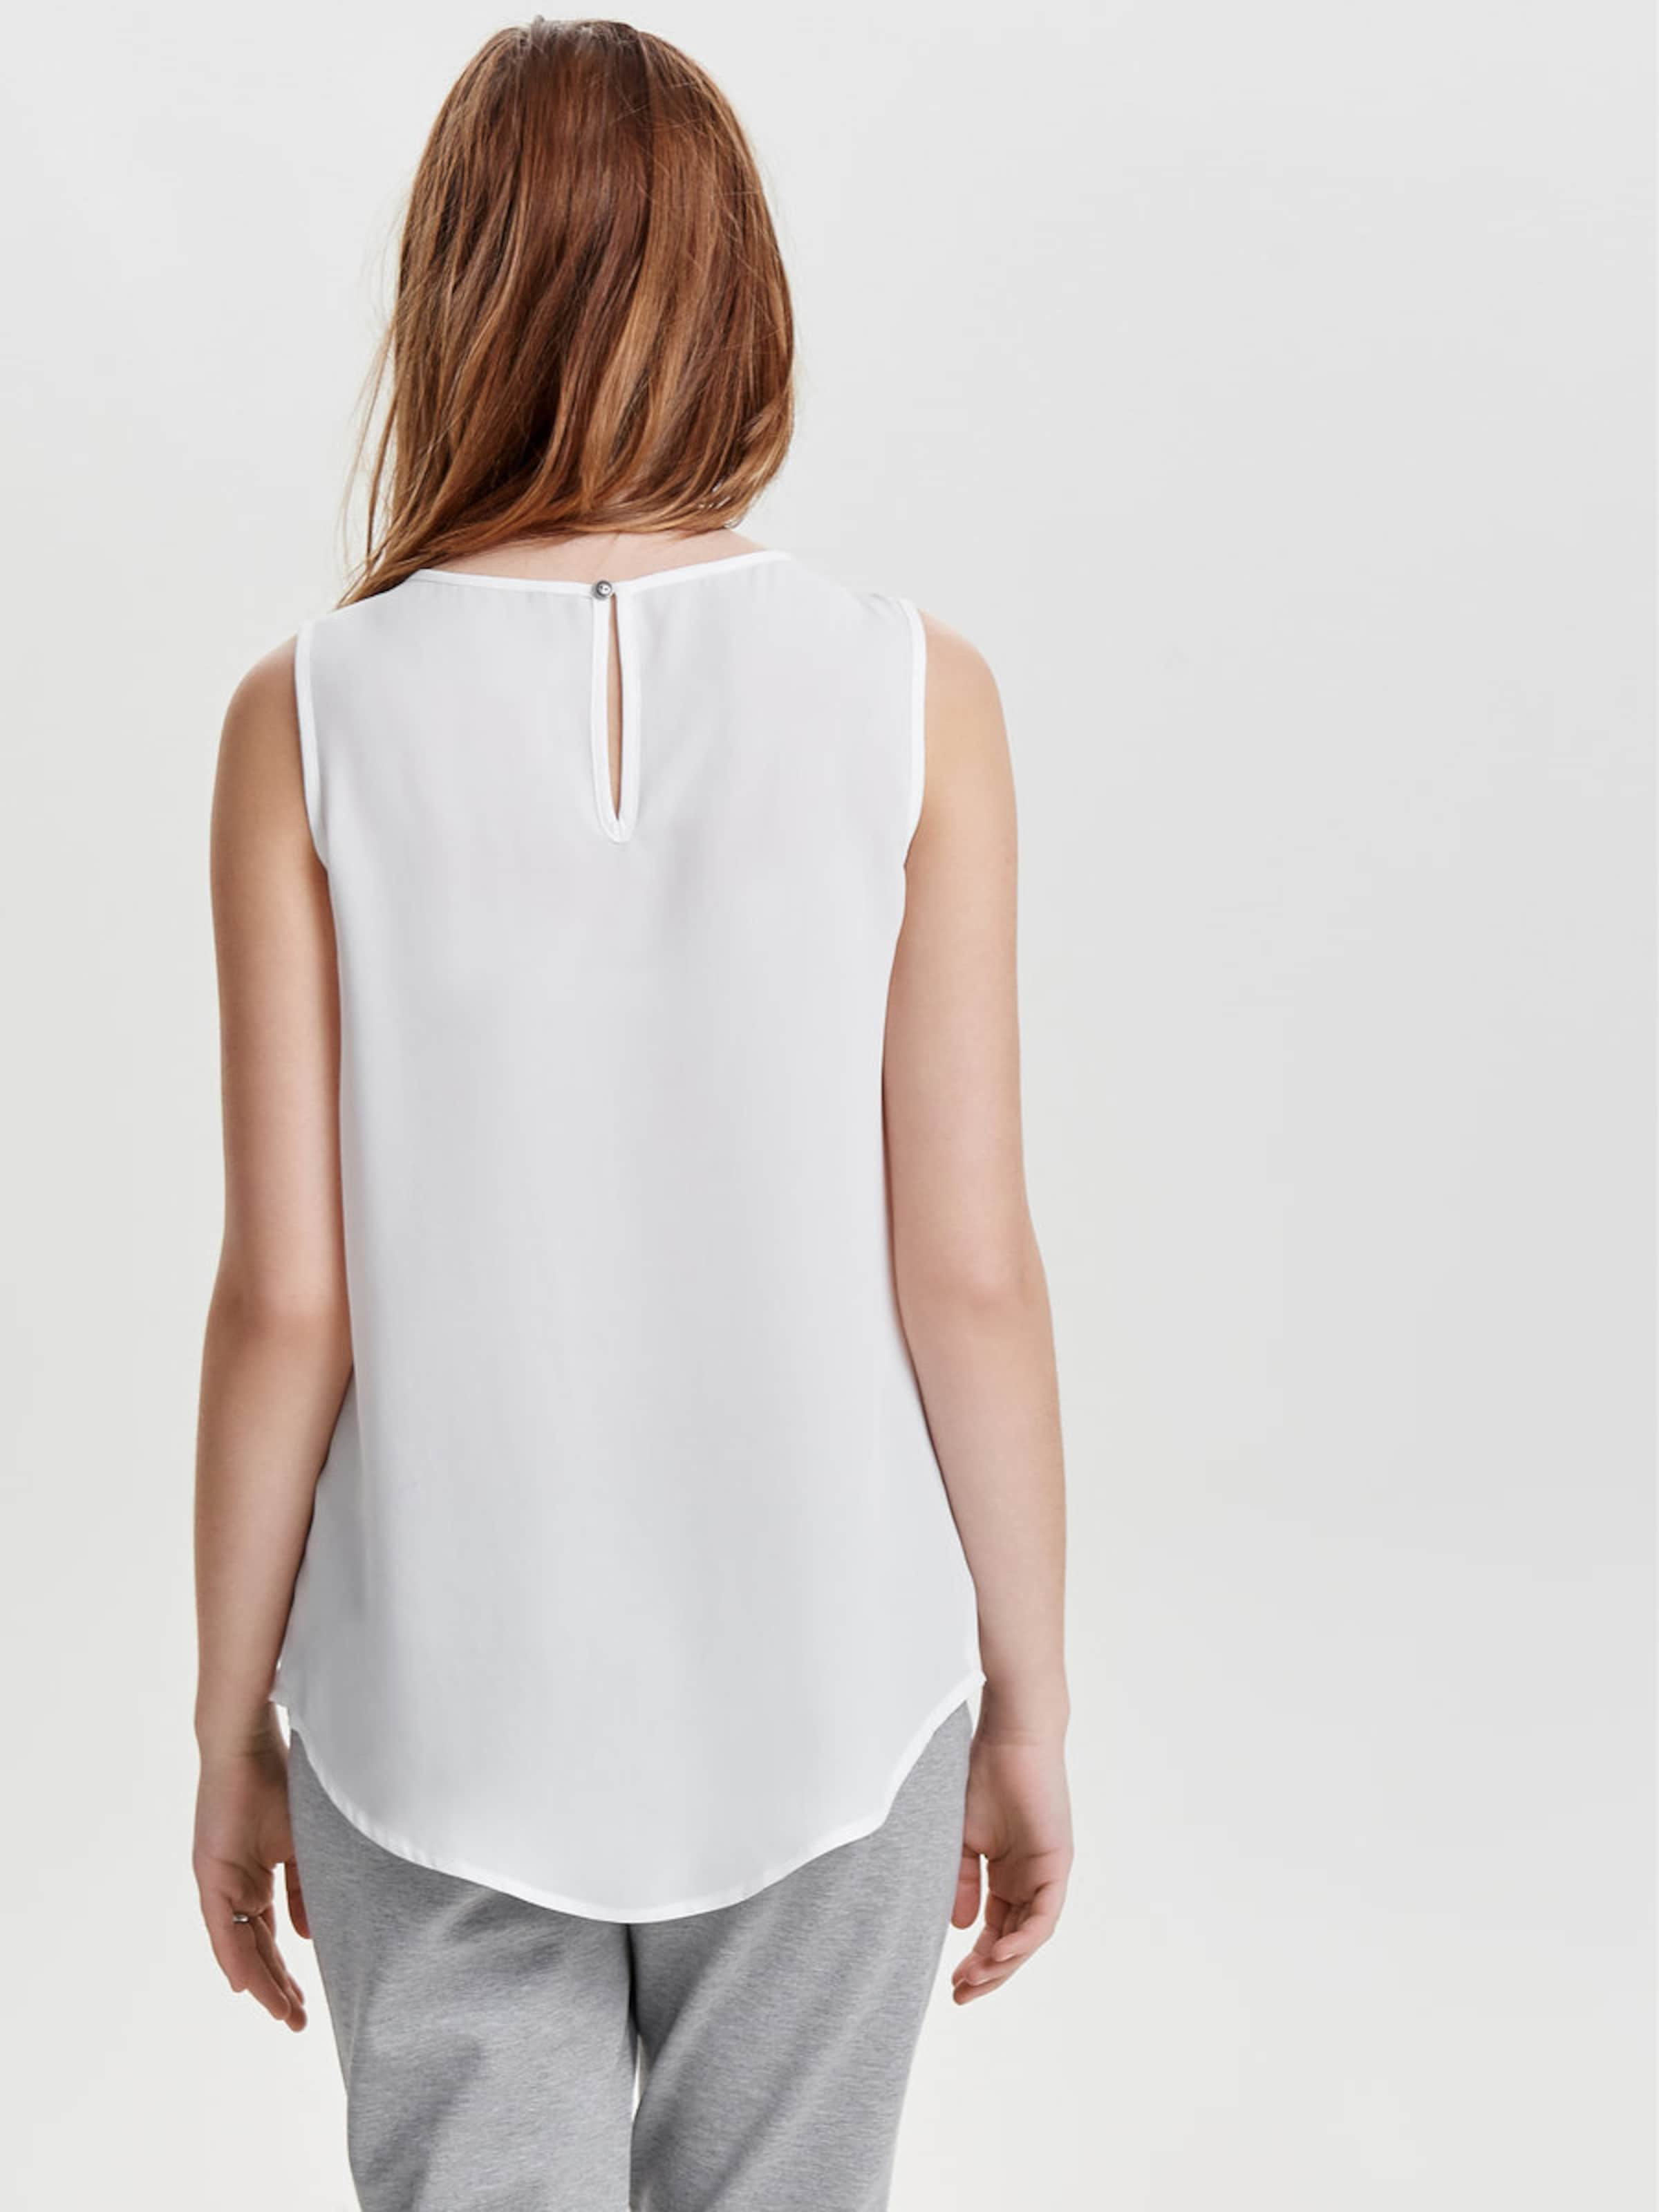 ONLY 'Onlvenice Noos' Top mit Spitze Niedriger Preis Versandkosten Für Online Online Einkaufen Günstig Versandkosten 15dIih